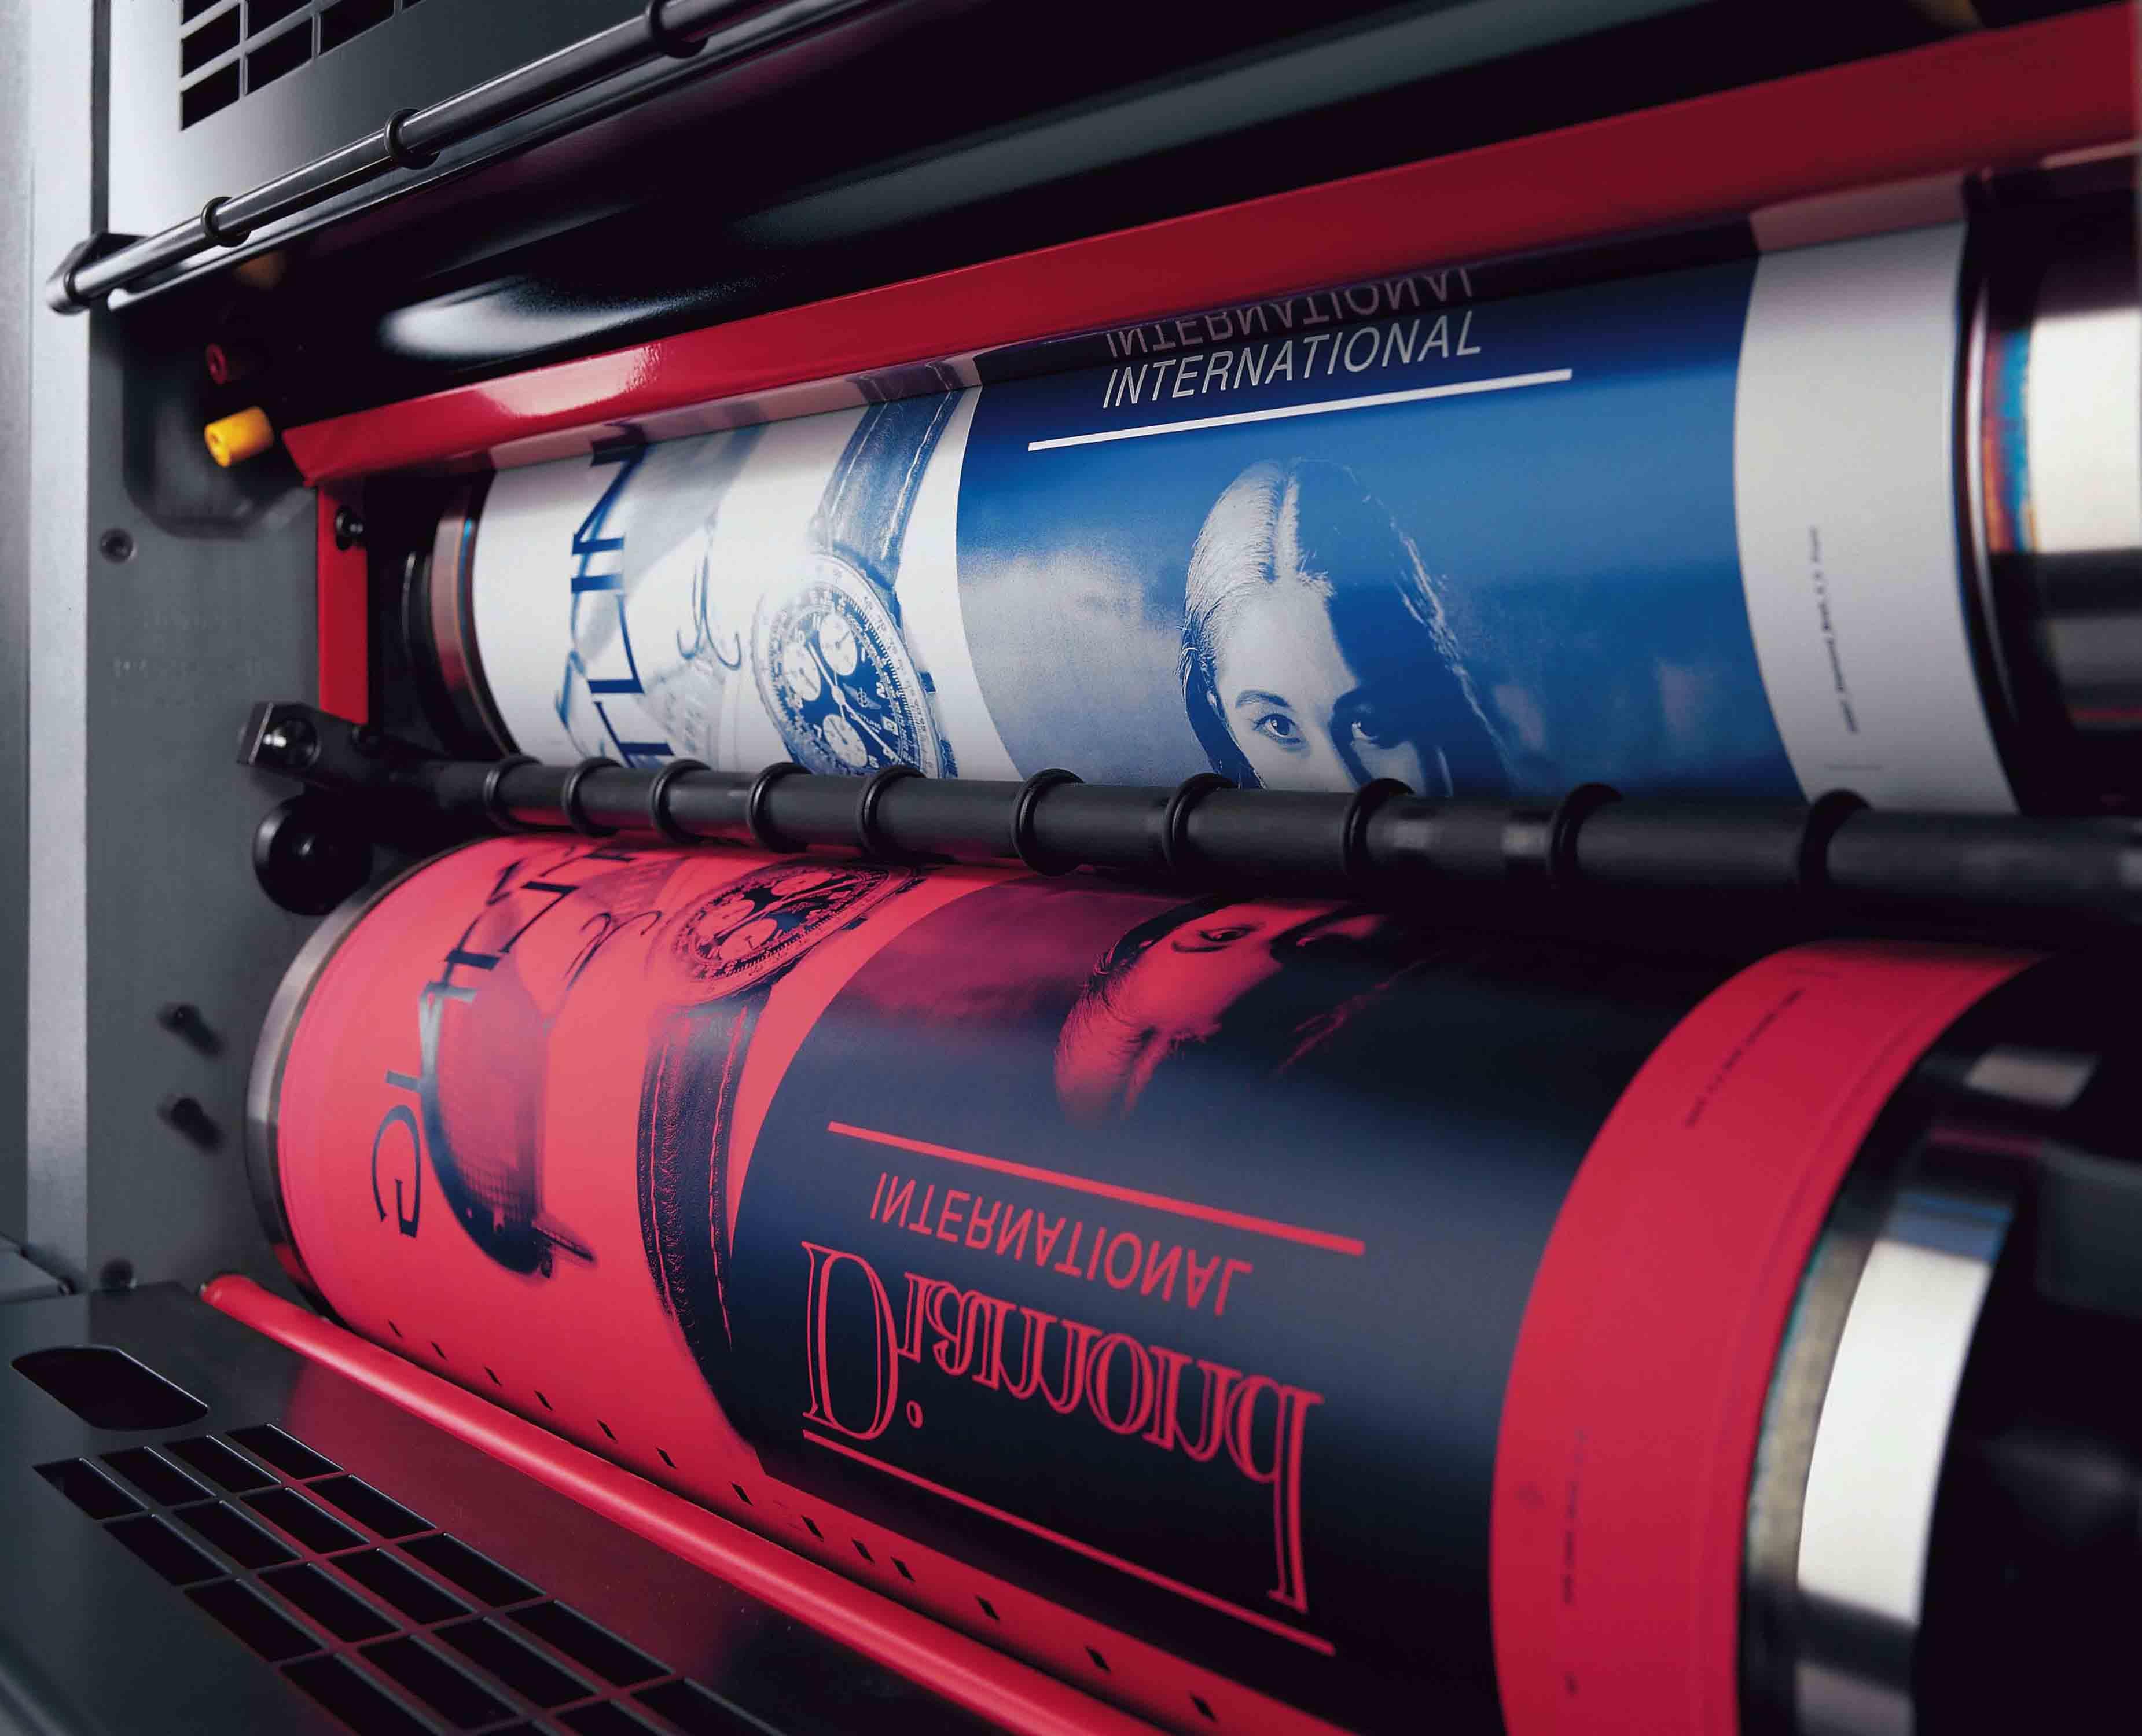 Impresión Offset vs Impresión Digital: Características y ventajas de cada sistema de impresión